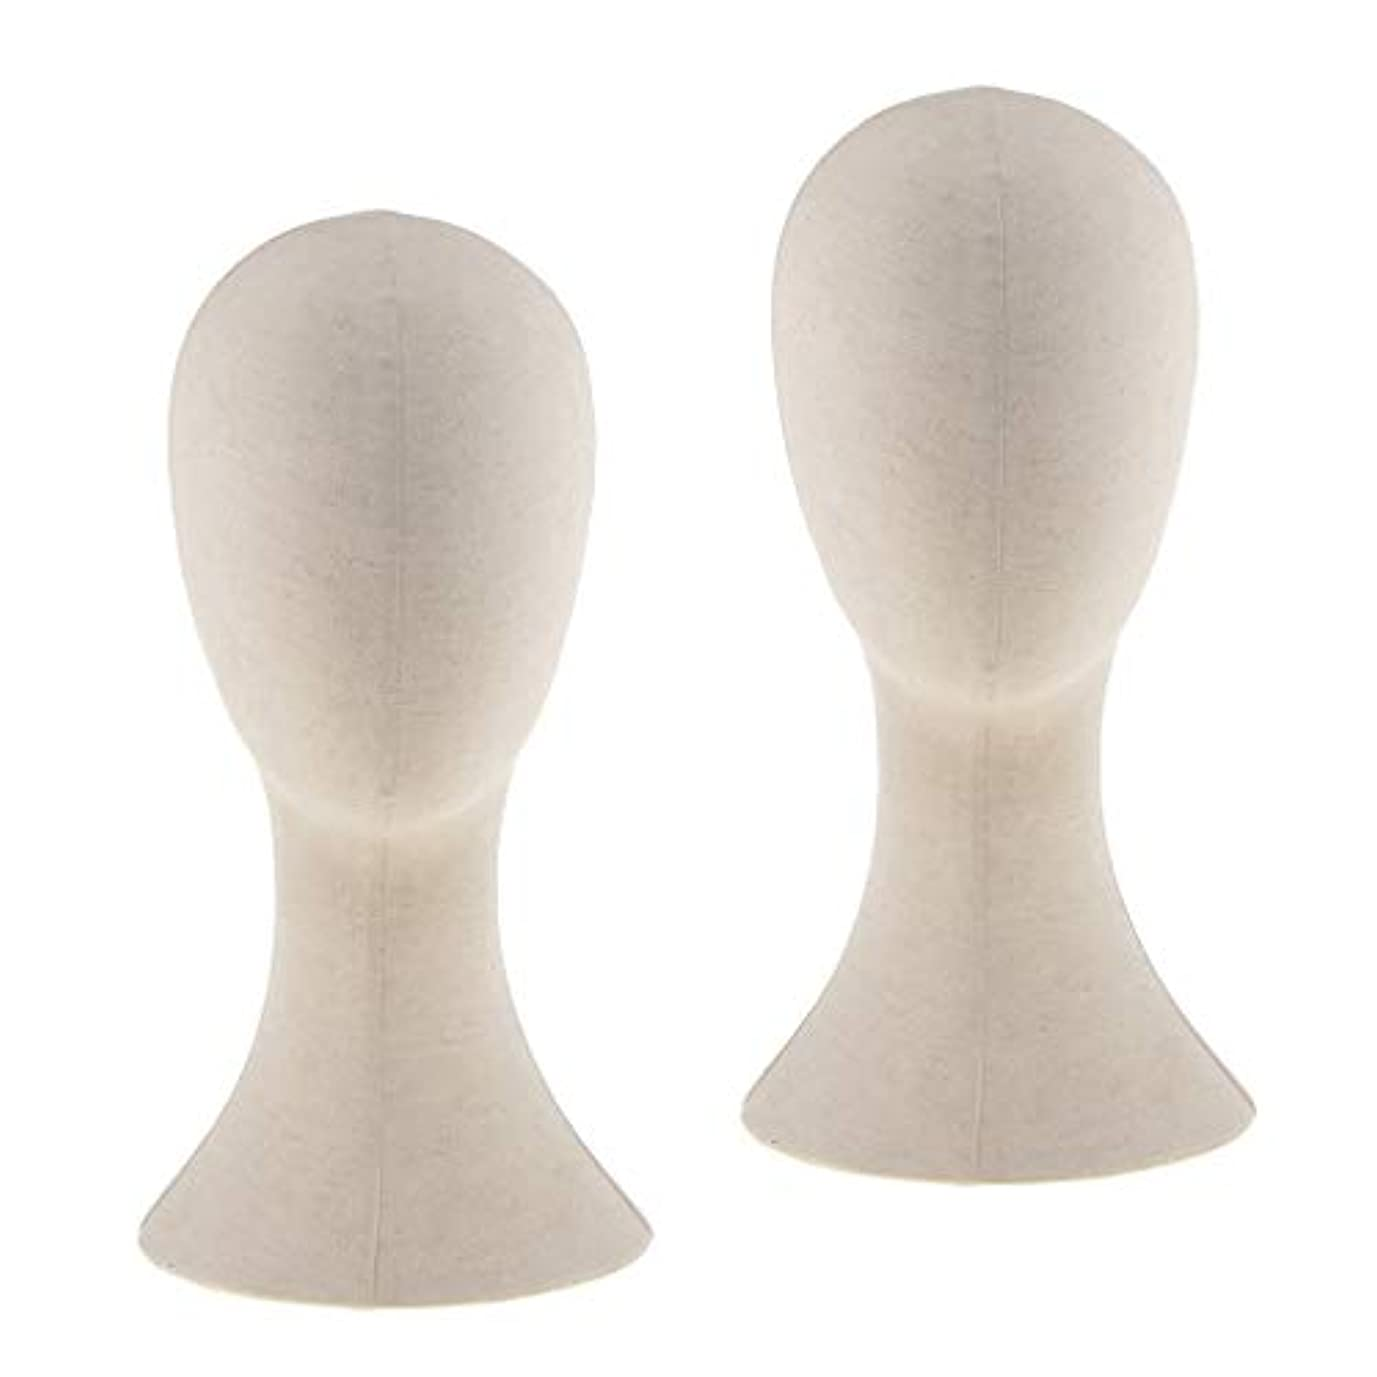 DYNWAVE マネキンヘッド ウィッグスタンド練習 頭部 女性ウィッグマネキン ディスプレイ 帽子スタンド 2個入り